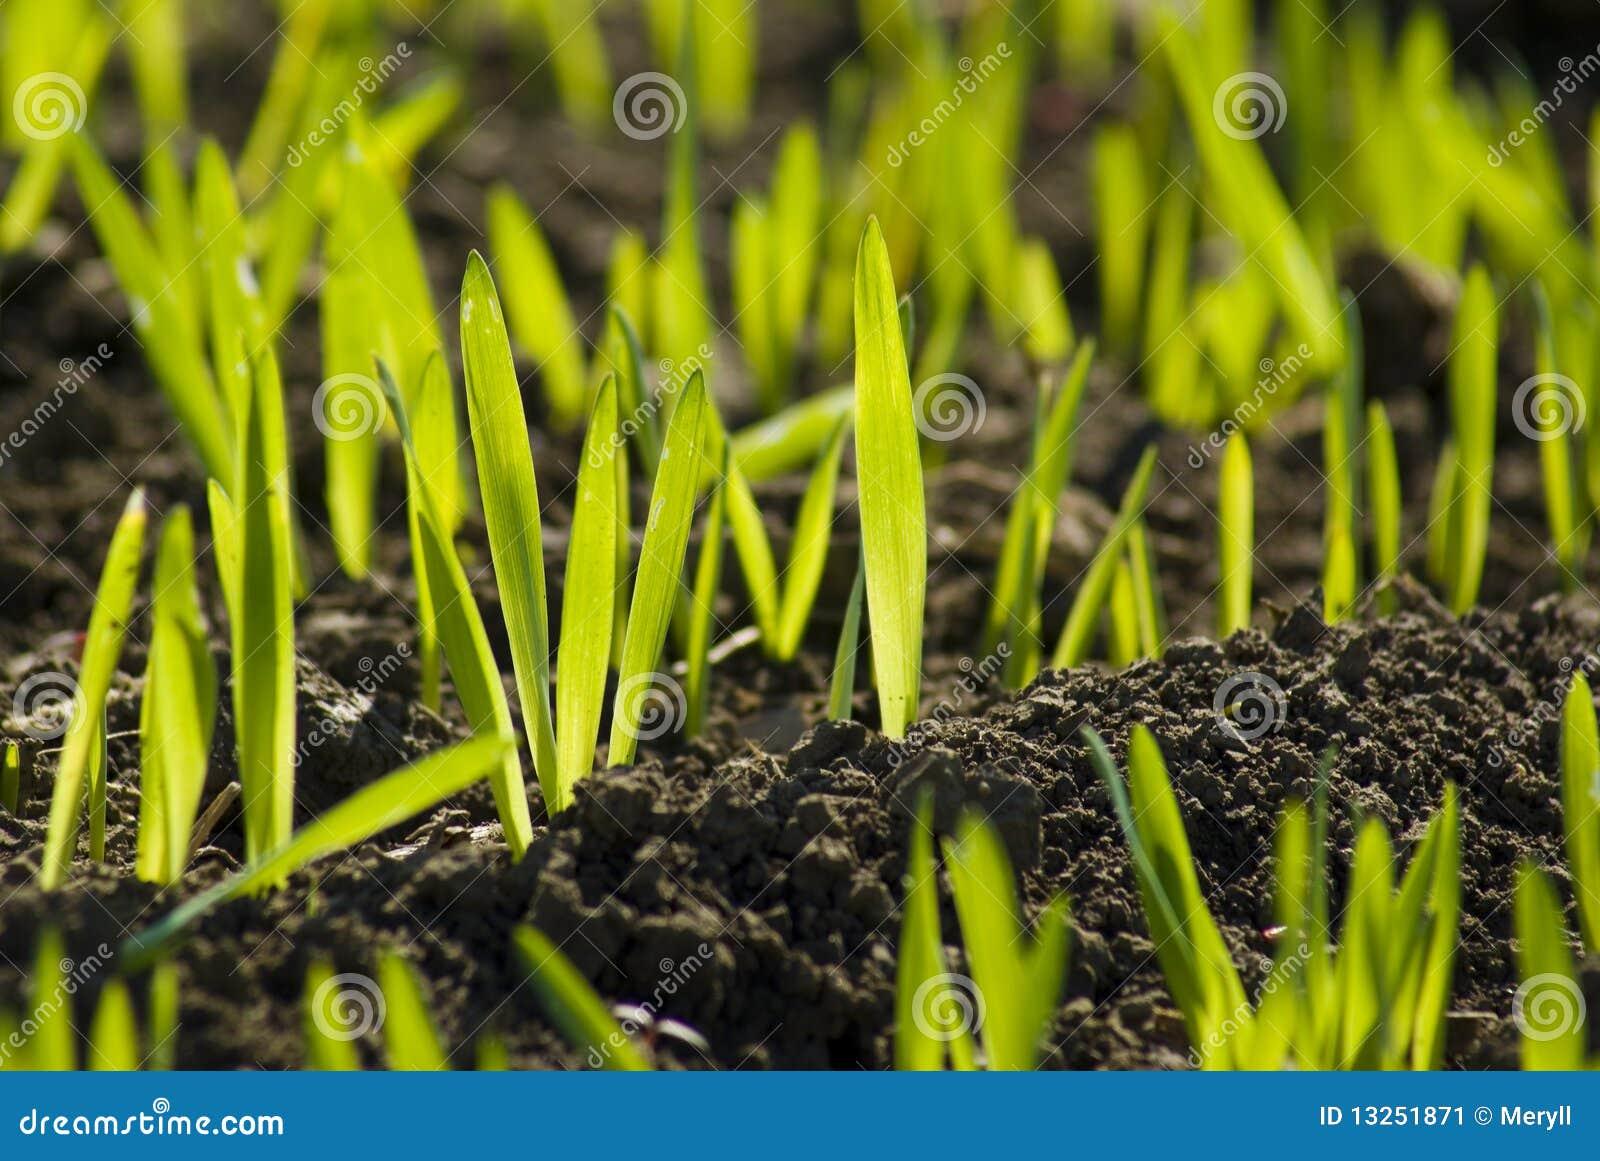 Groen landbouwersgebied met korrel het groeien